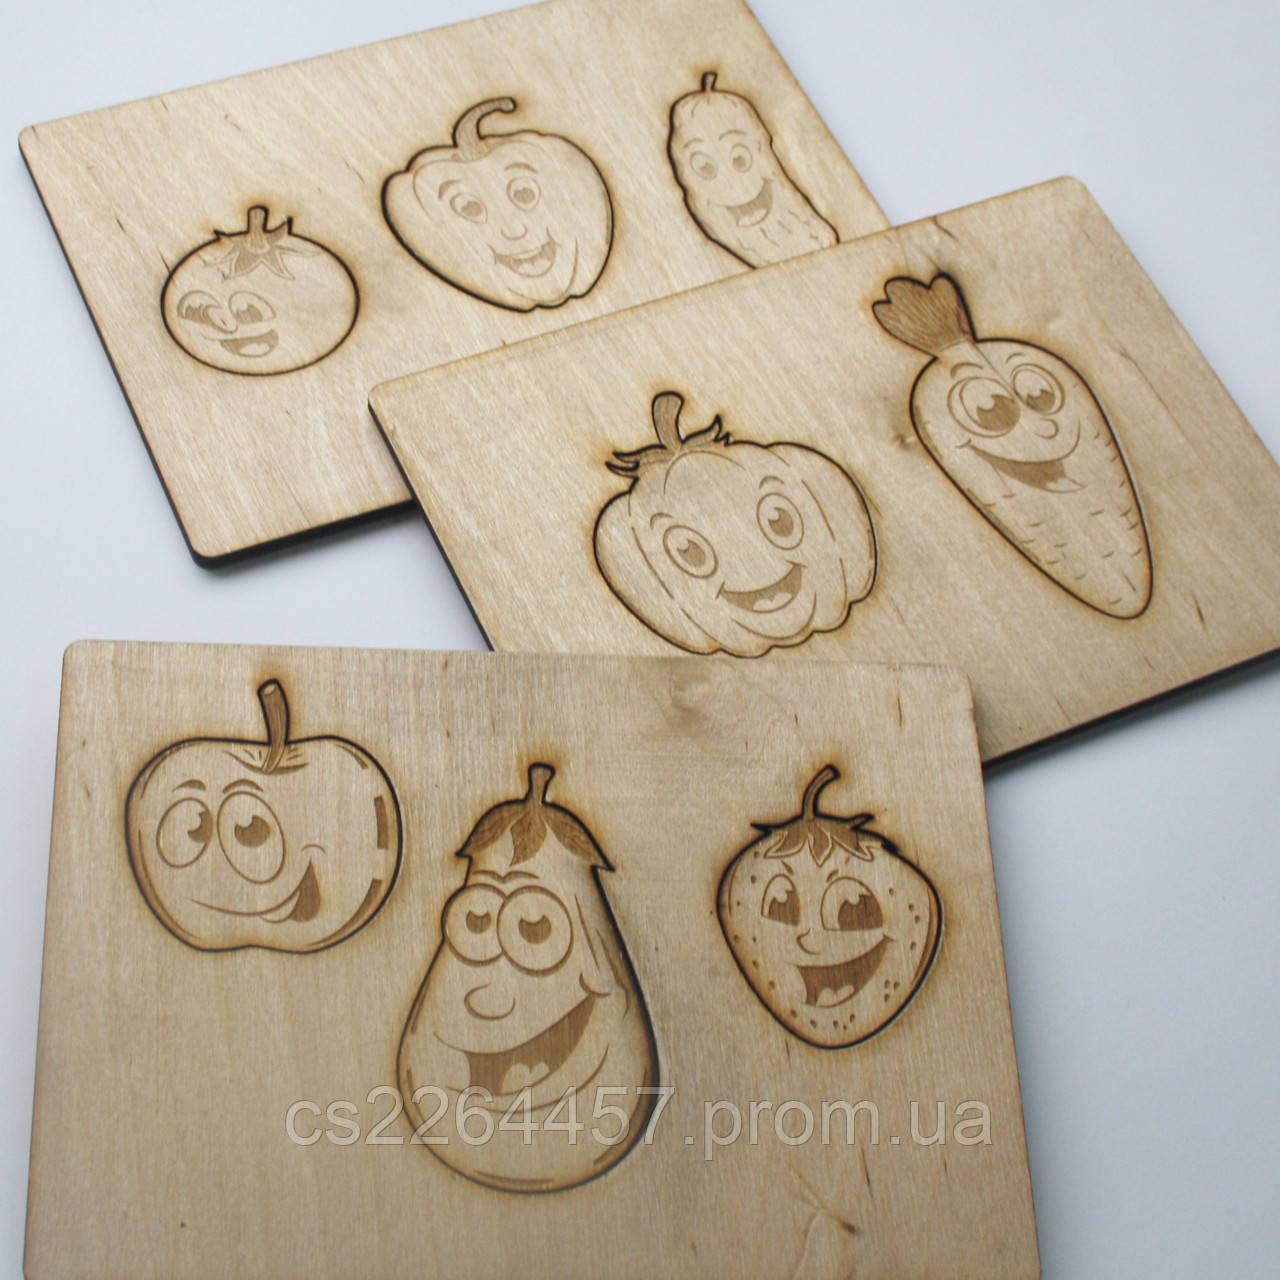 Набор пазлов для детей из дерева